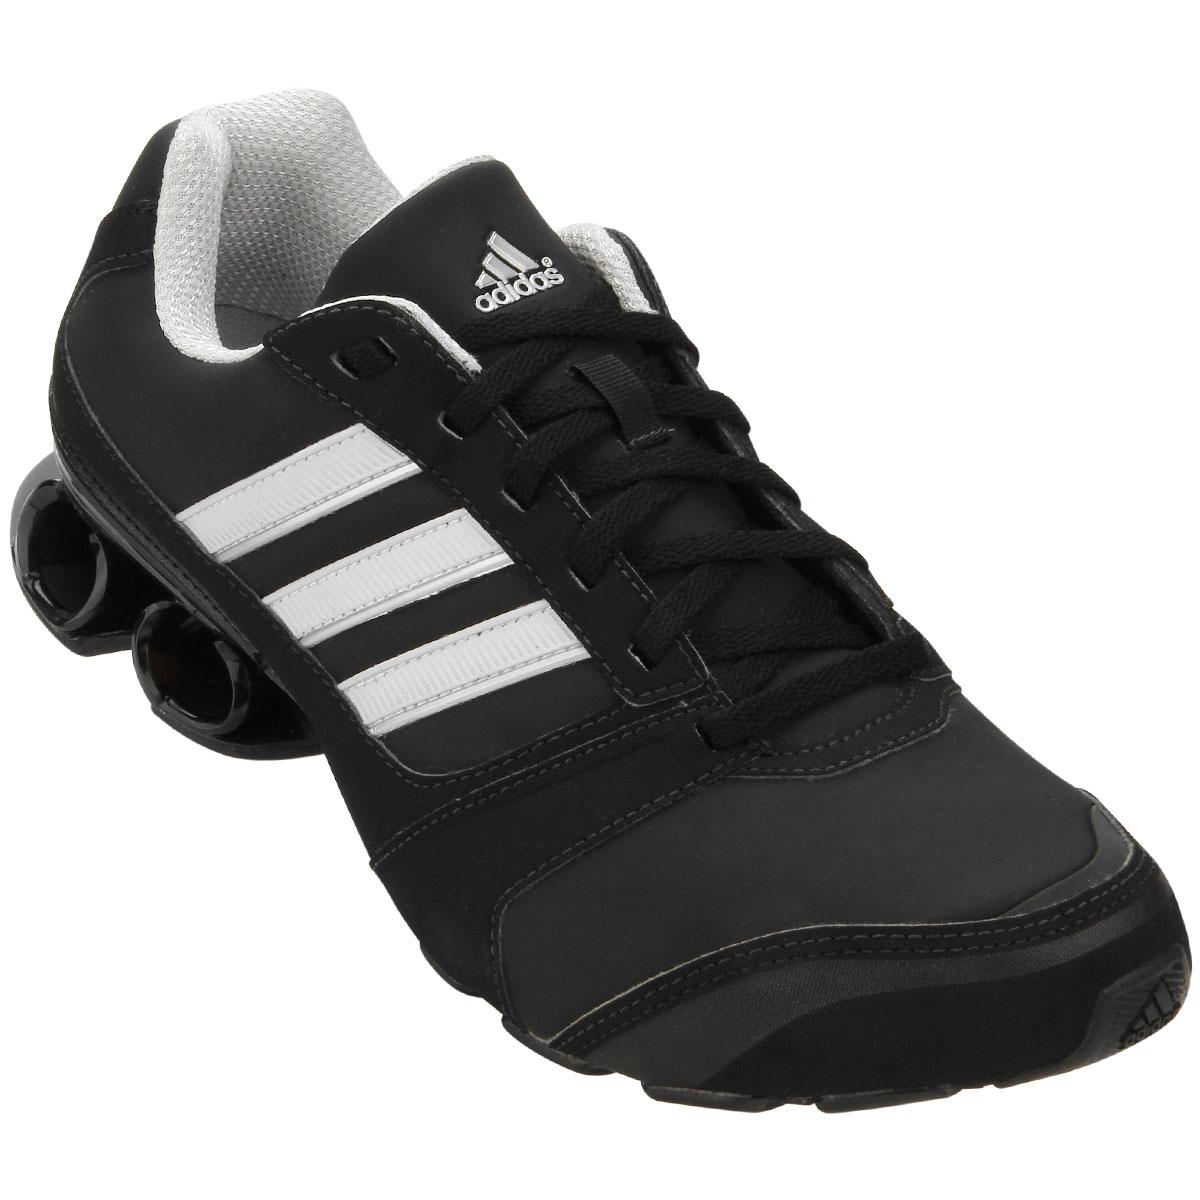 1534fab8aff O Tênis Adidas Komet Syn é fabricado em material sintético que valoriza o  visual esportivo